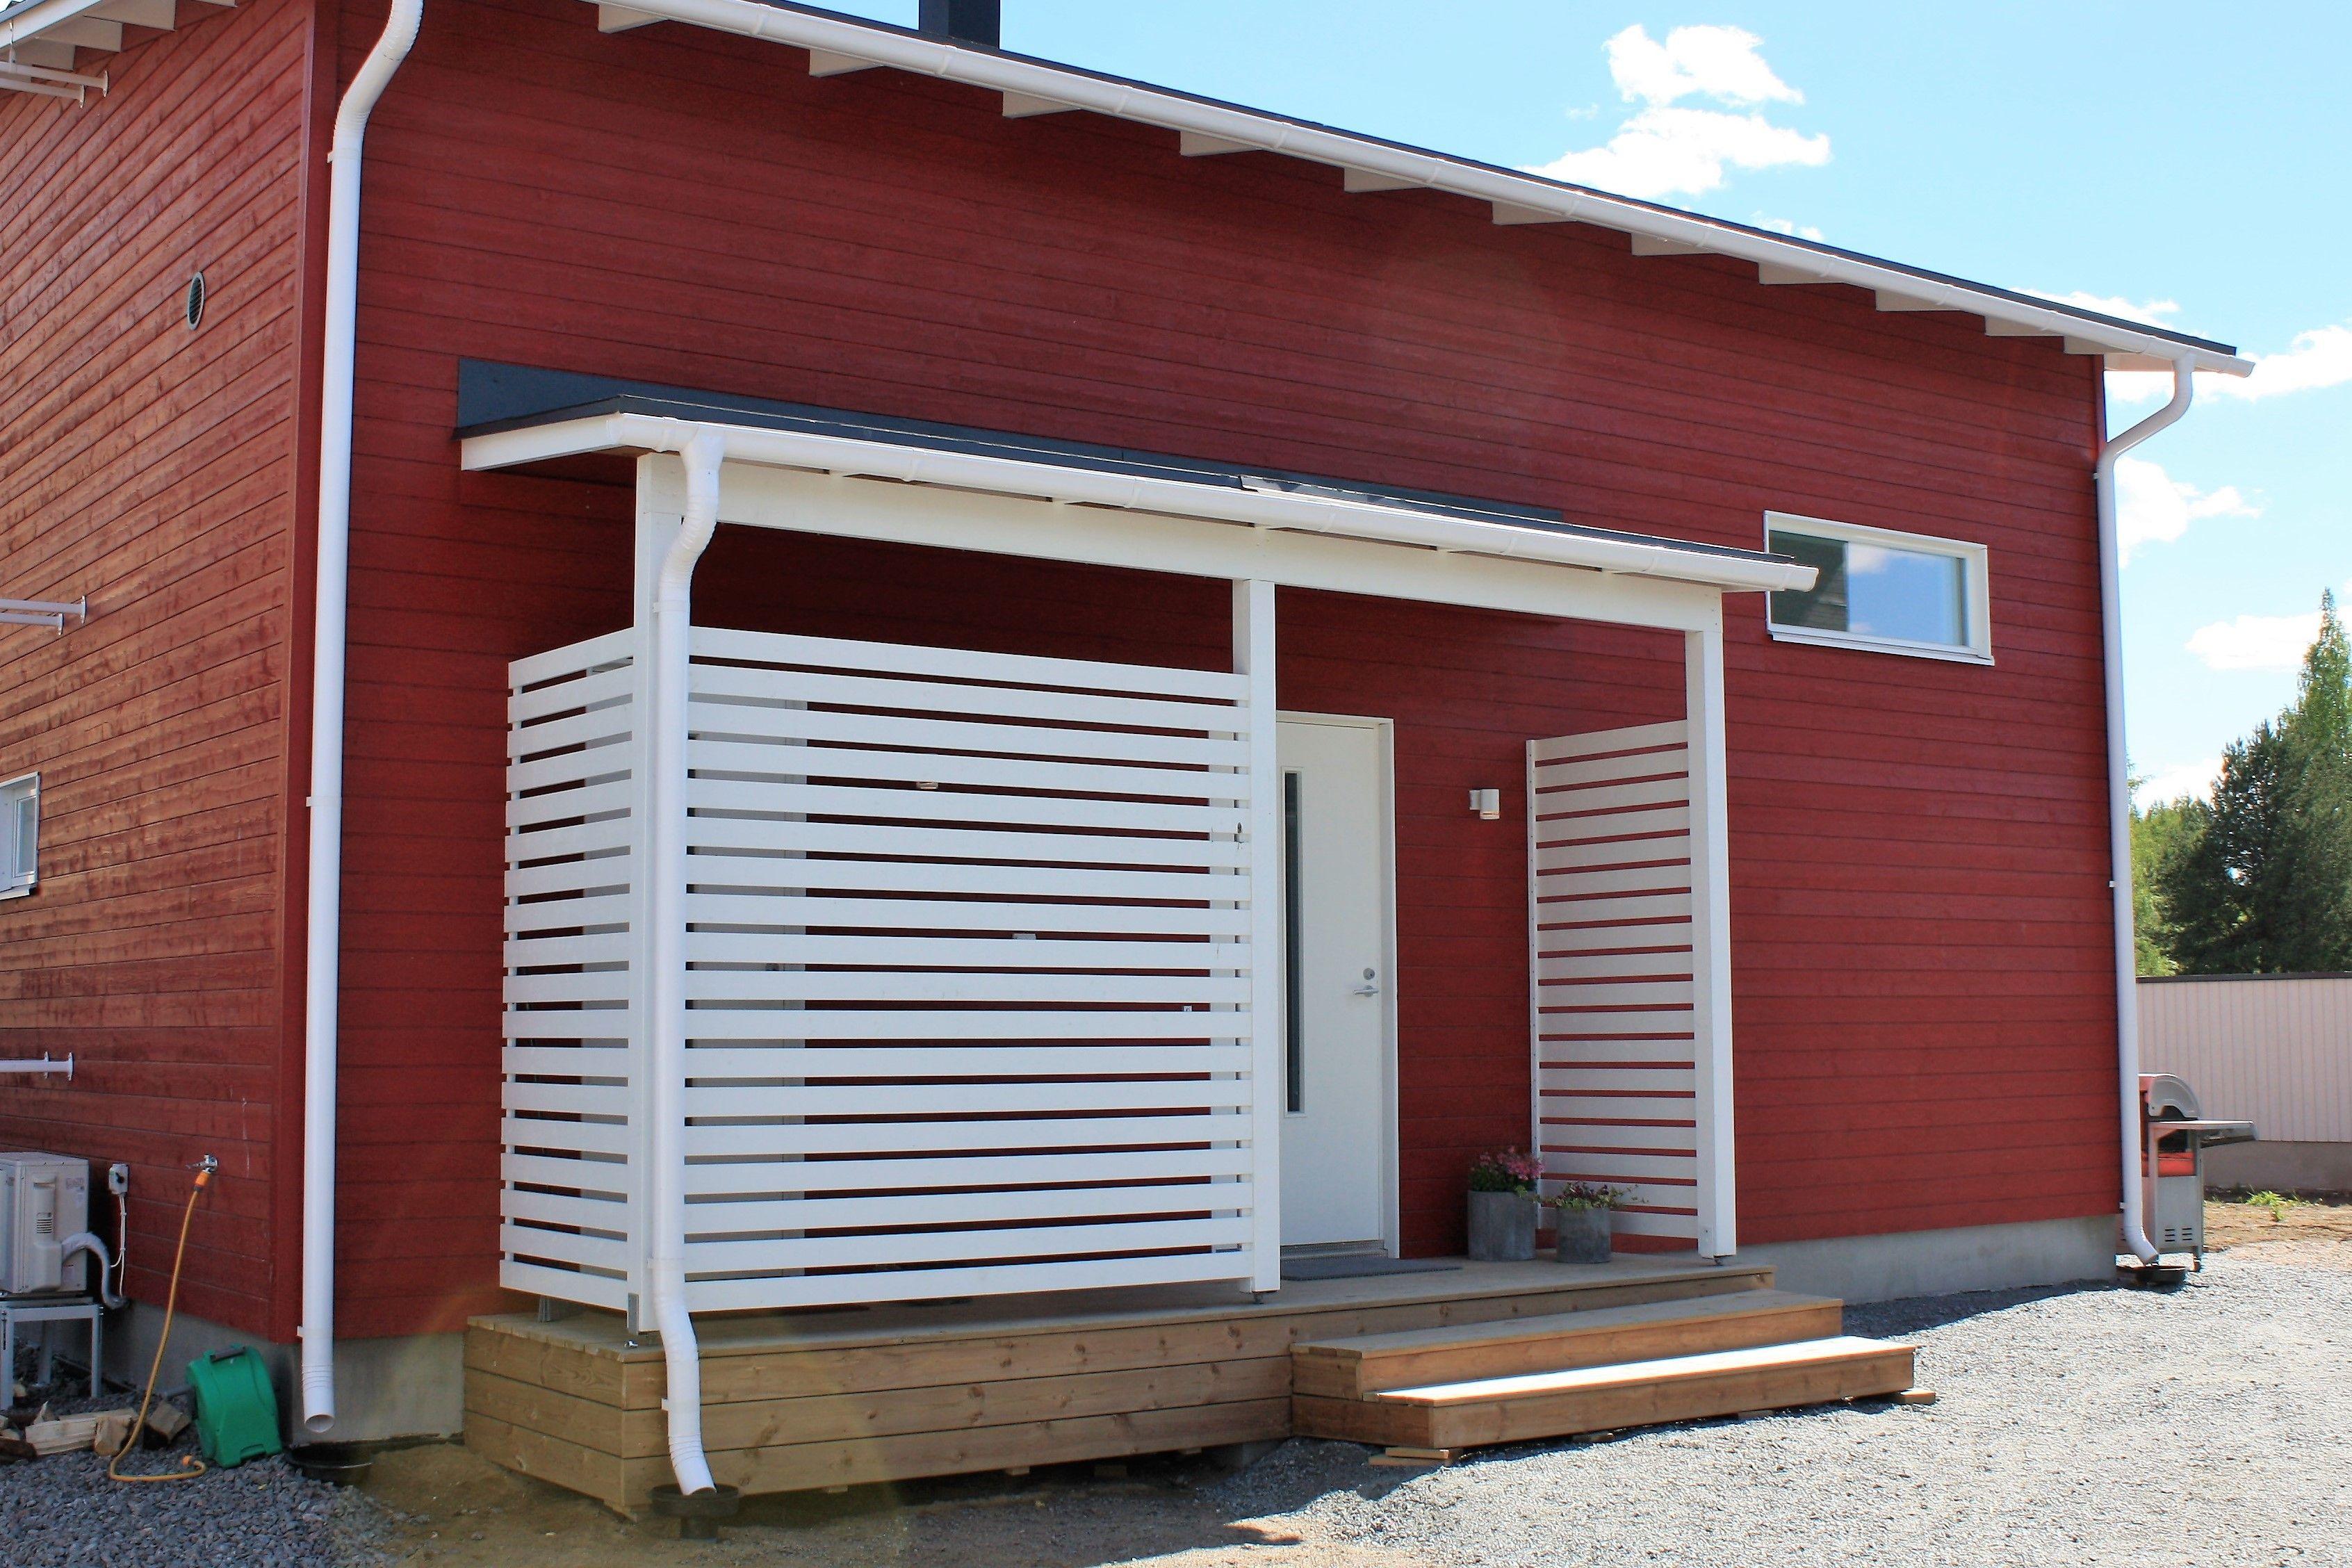 Valkoinen ja punainen on hyvin toisiinsa sopiva väriyhdistelmä. Nurkkalaudat ovat punaiset, jotta valkoista ei kuitenkaan olisi liikaa ja värimaailma pysyisi selkeänä. Ikkunanpielet, ovenpielet ja terassin laudoitus luovat kuitenkin hyvää kontrastia punaiseen pääväriin.